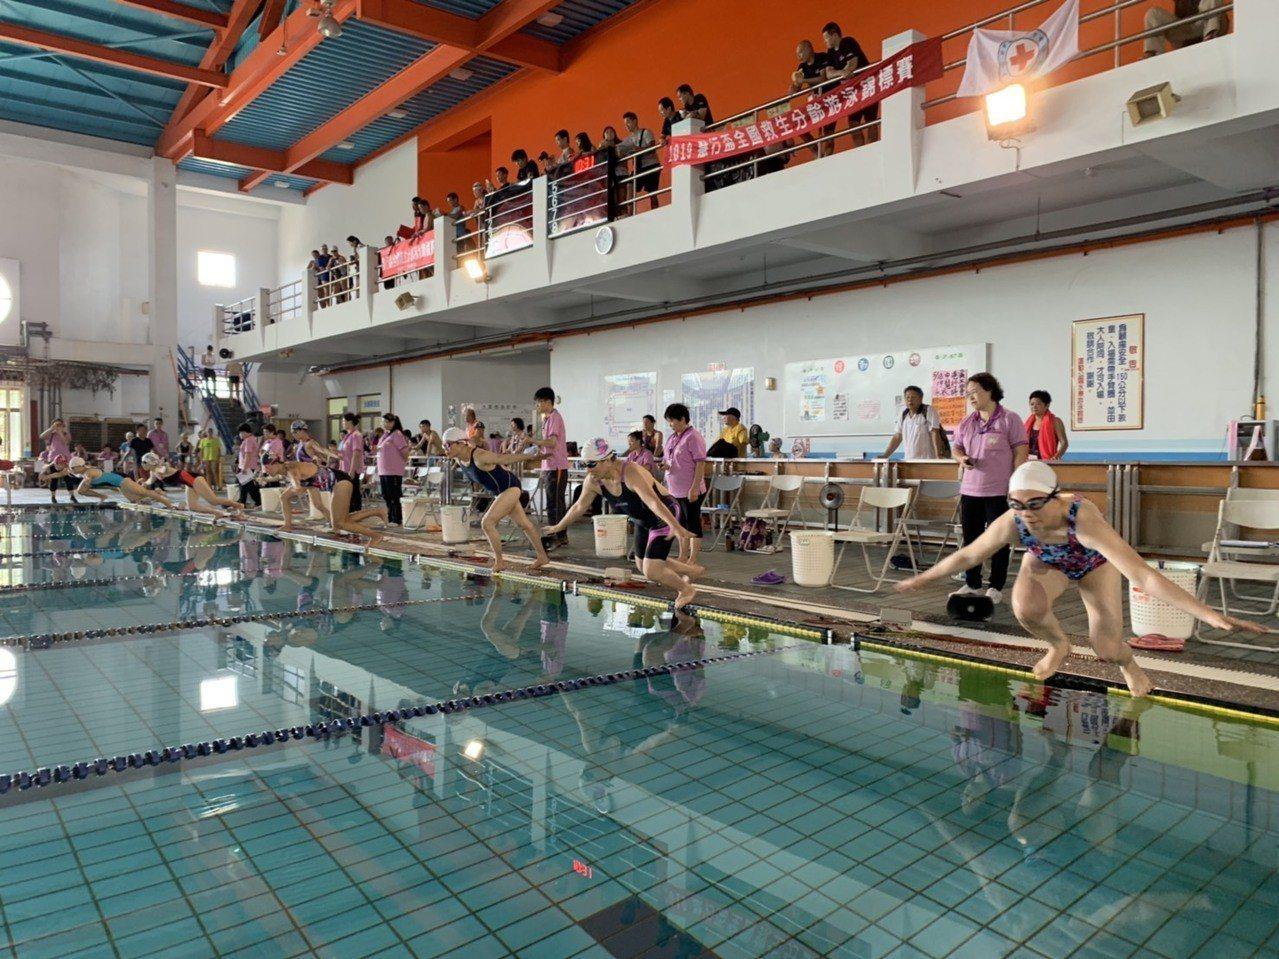 救生游泳競賽選手必須採跨步式入水,以確保安全。圖/台灣慧行志工救生游泳協會提供